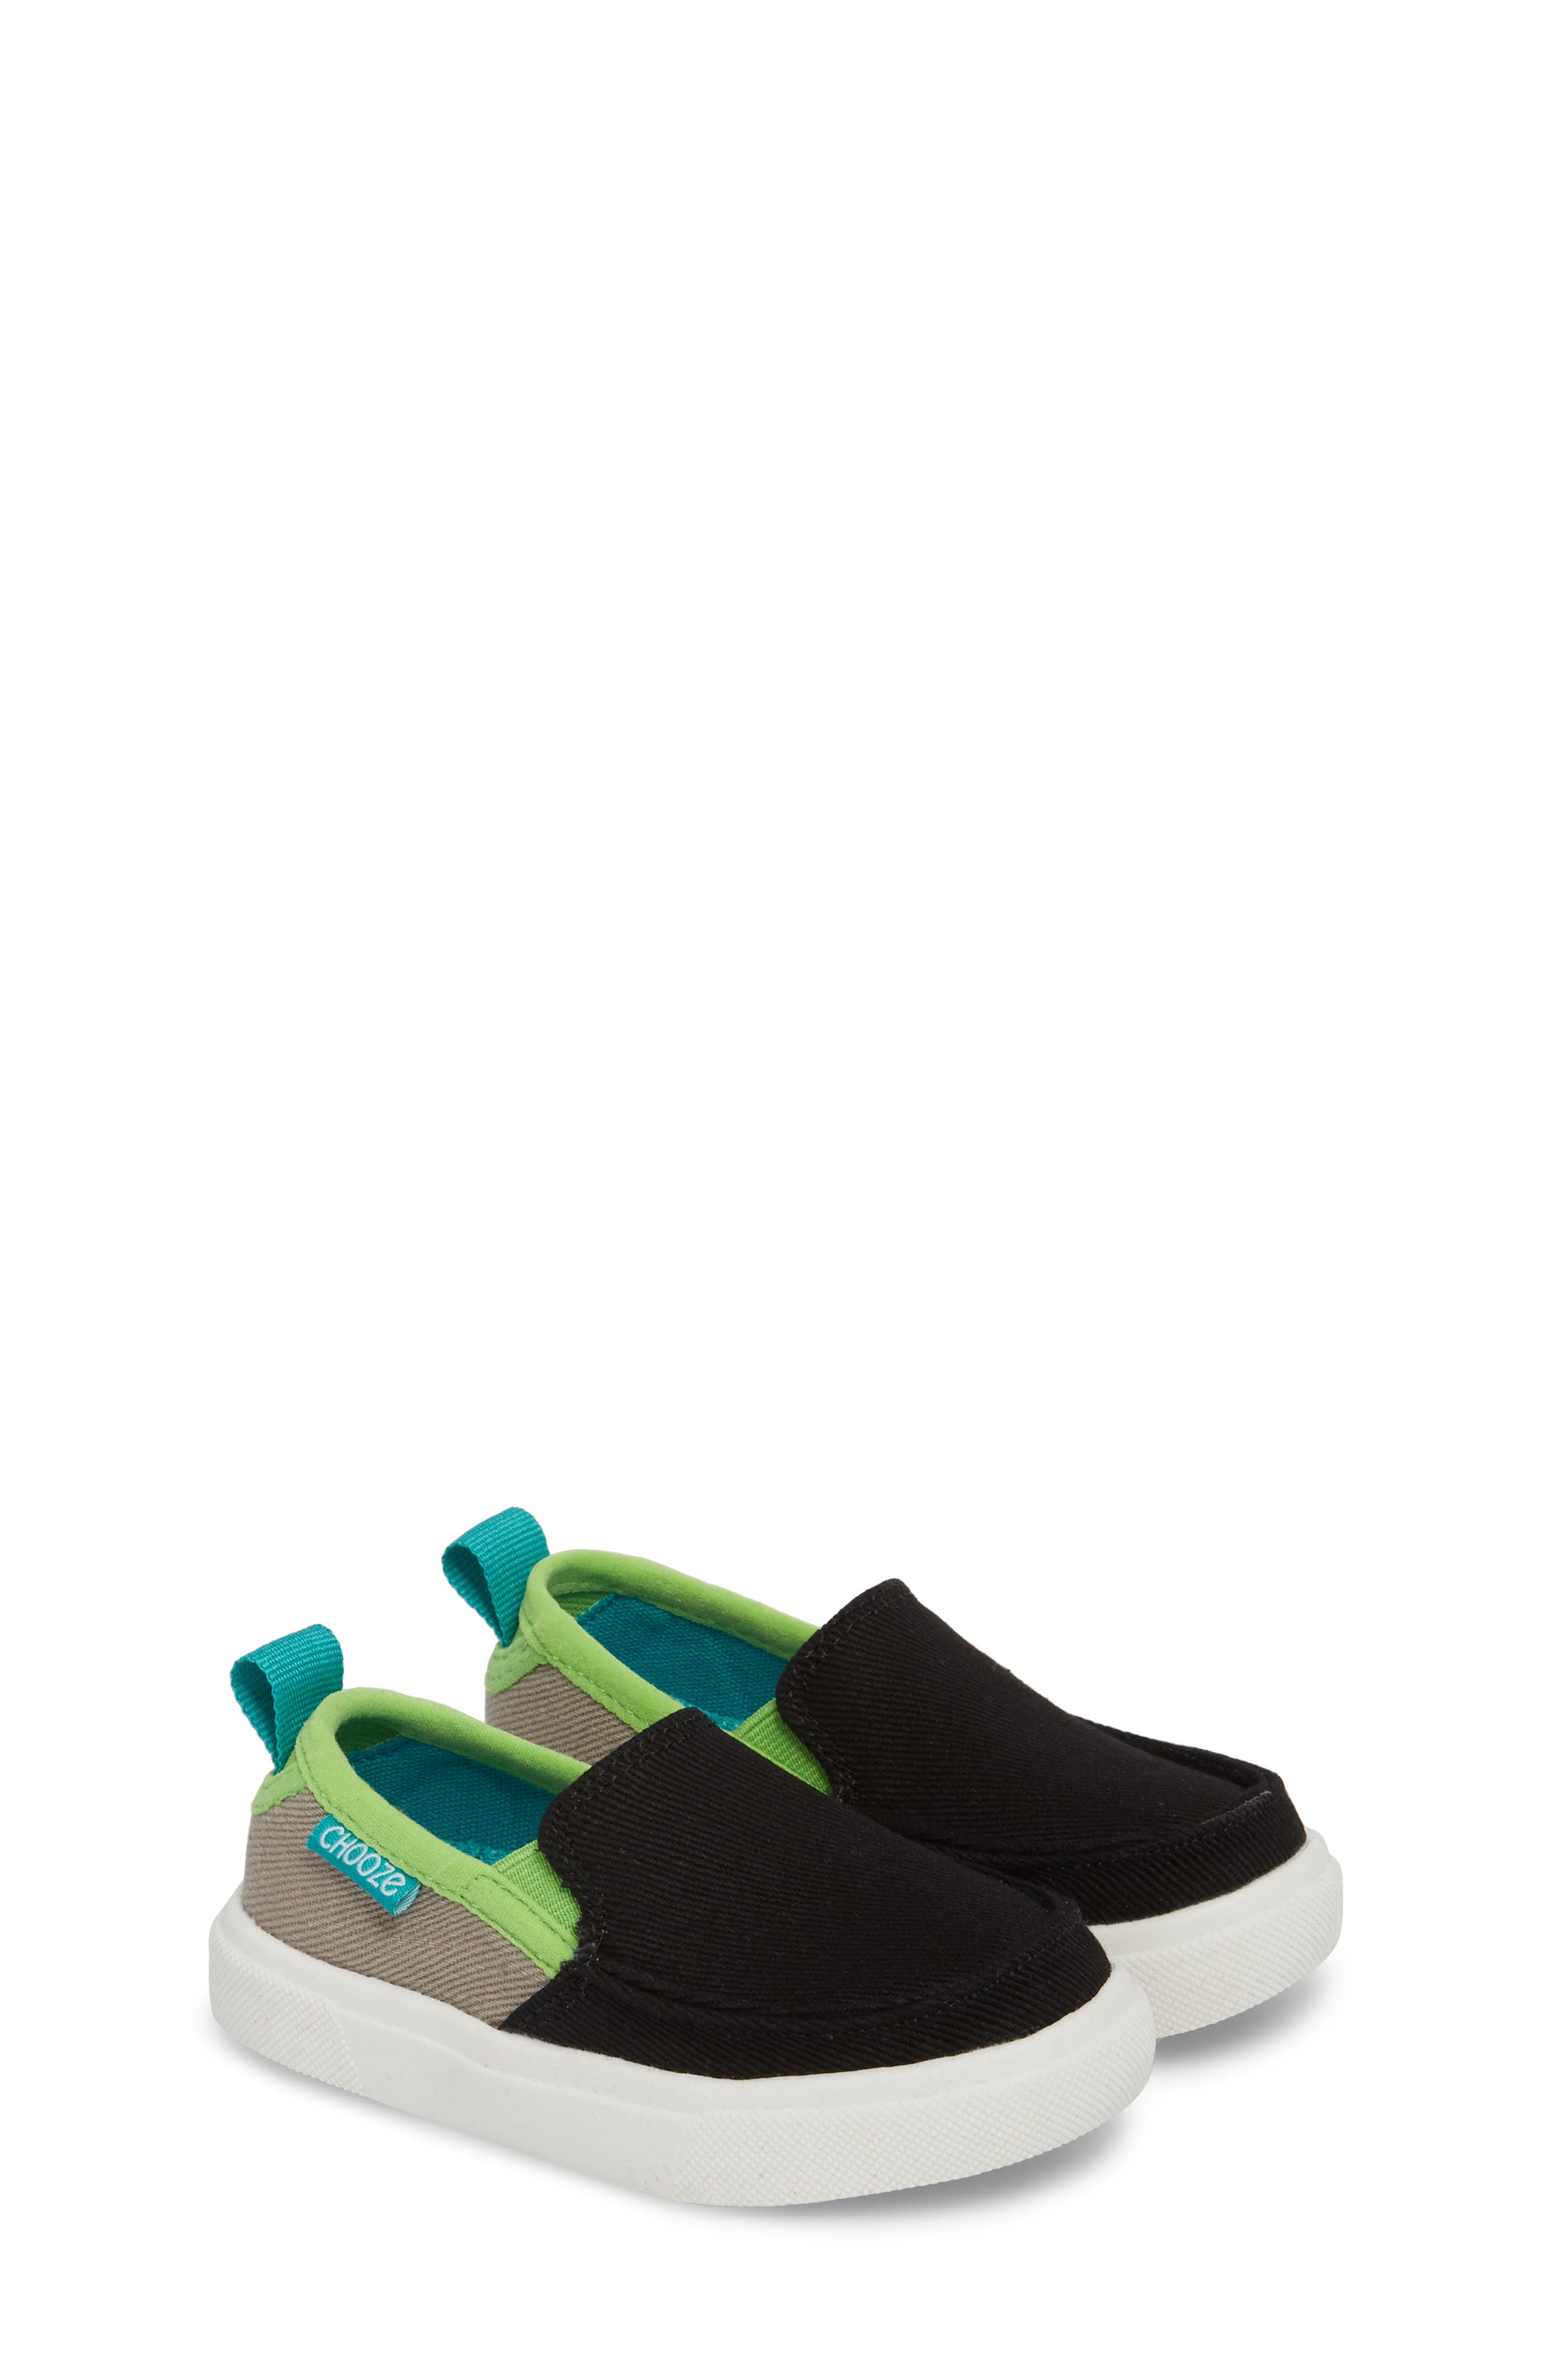 CHOOZE Roam Slip-On Sneaker (Walker, Toddler, Little Kid & Big Kid)